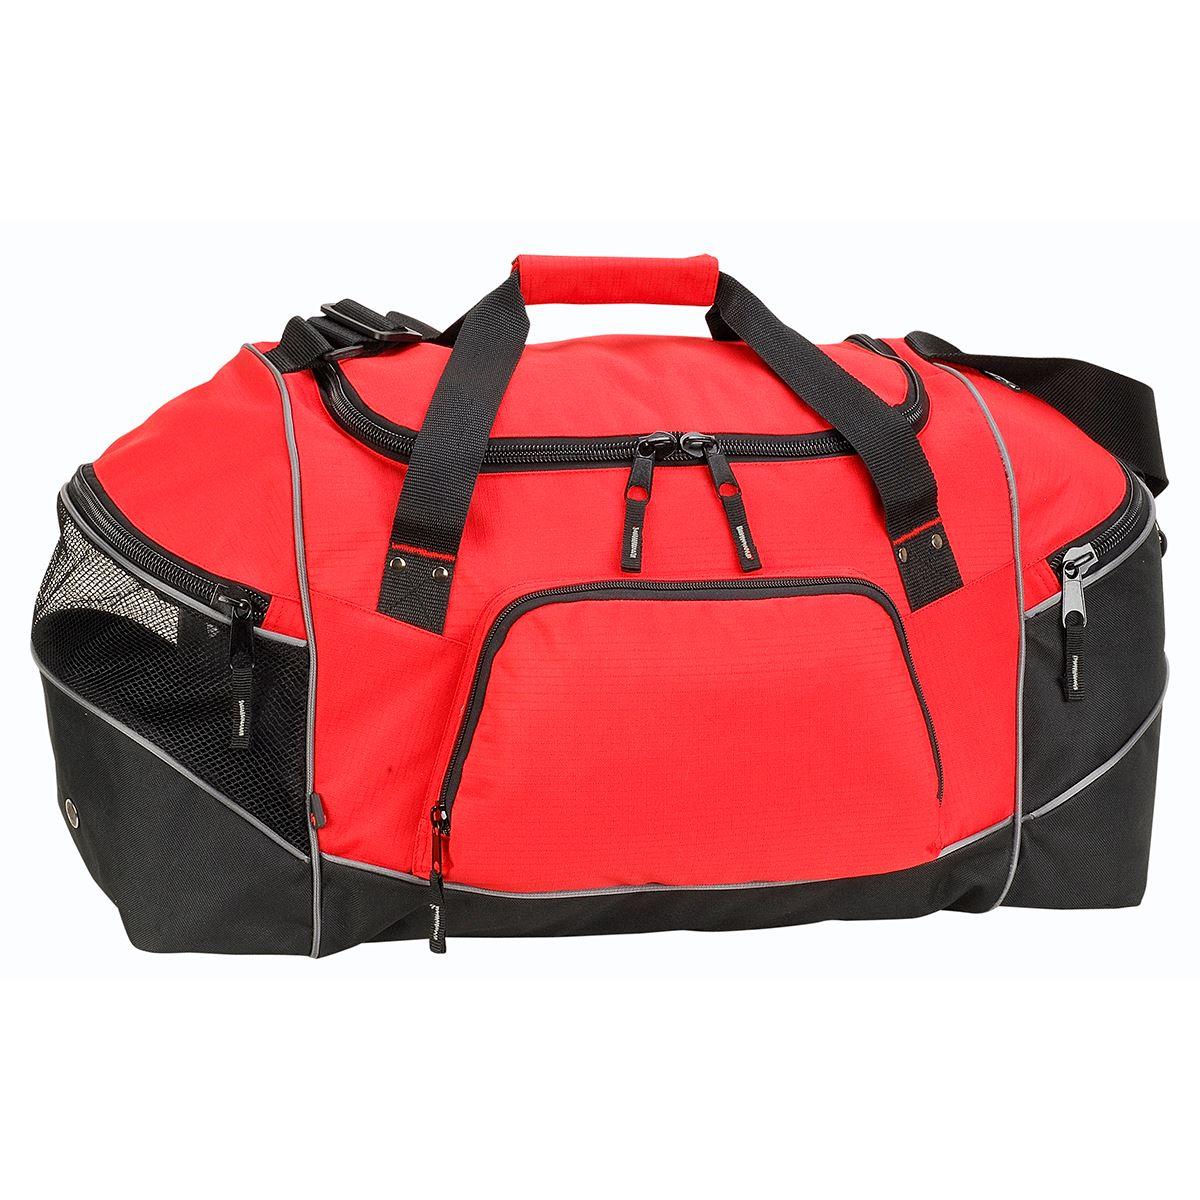 Shugon Daytona - Sac de voyage - 50 litres (Taille unique) (Rouge) lZG2j